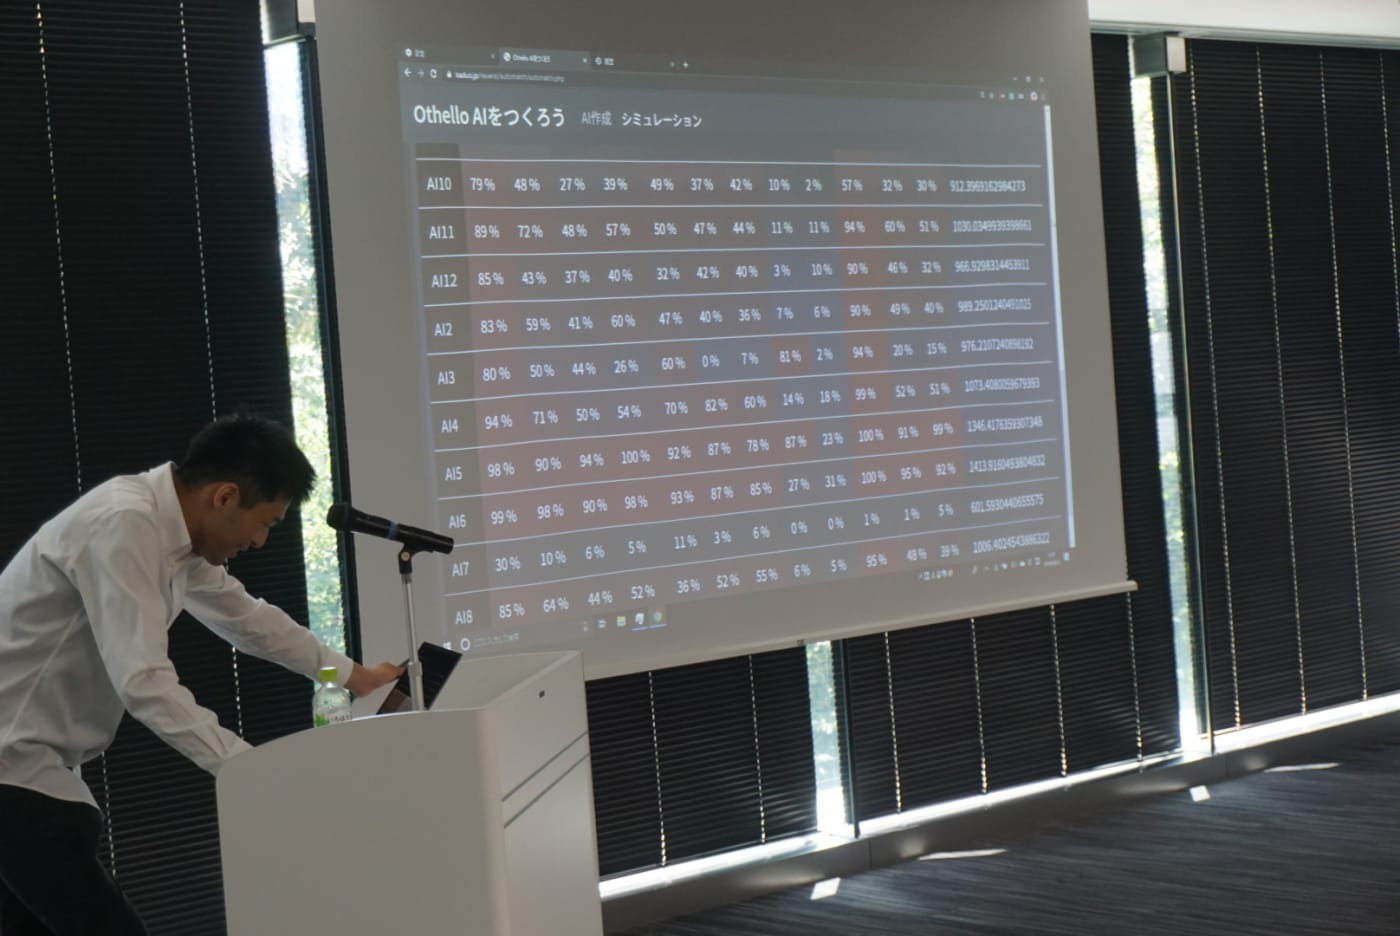 オセロ×AIワークショップ結果発表の写真